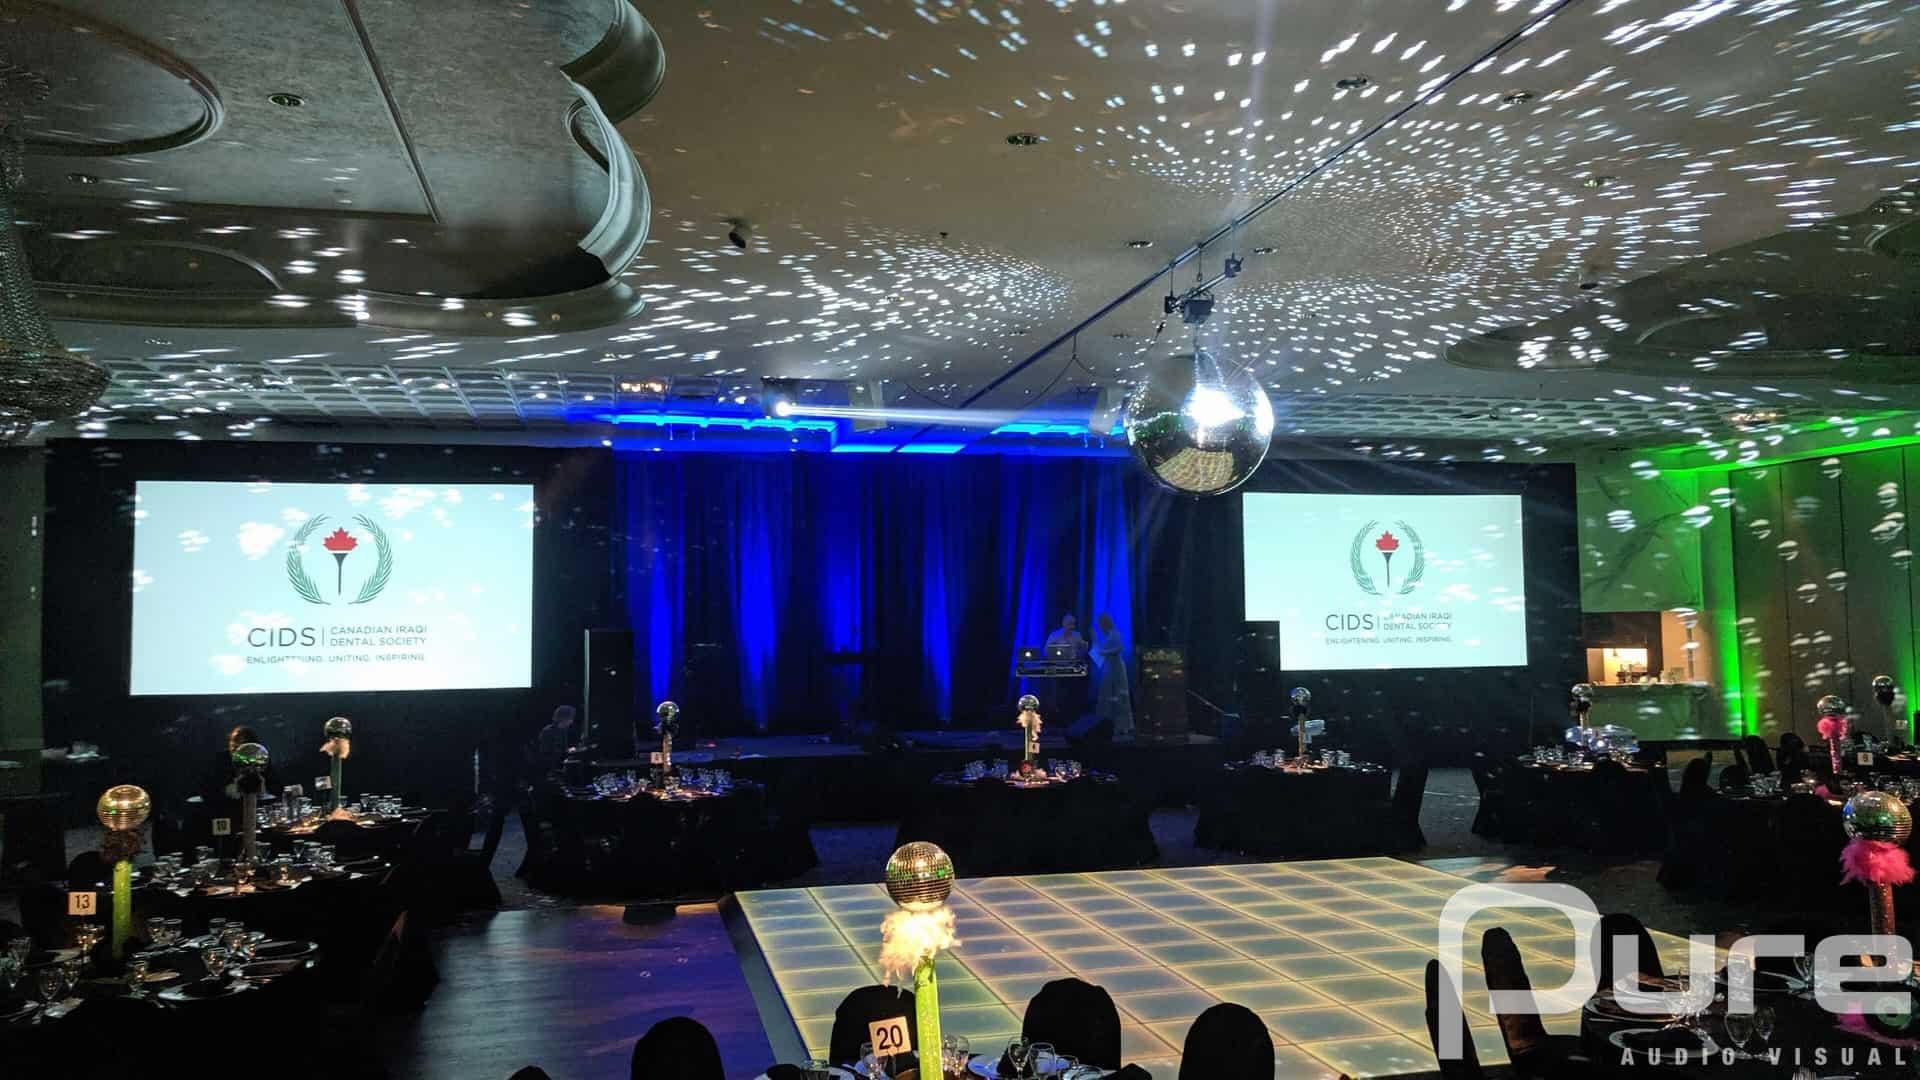 Gala, Corporate Event, Toronto AV, AV company, AV production, Projectors and Screens